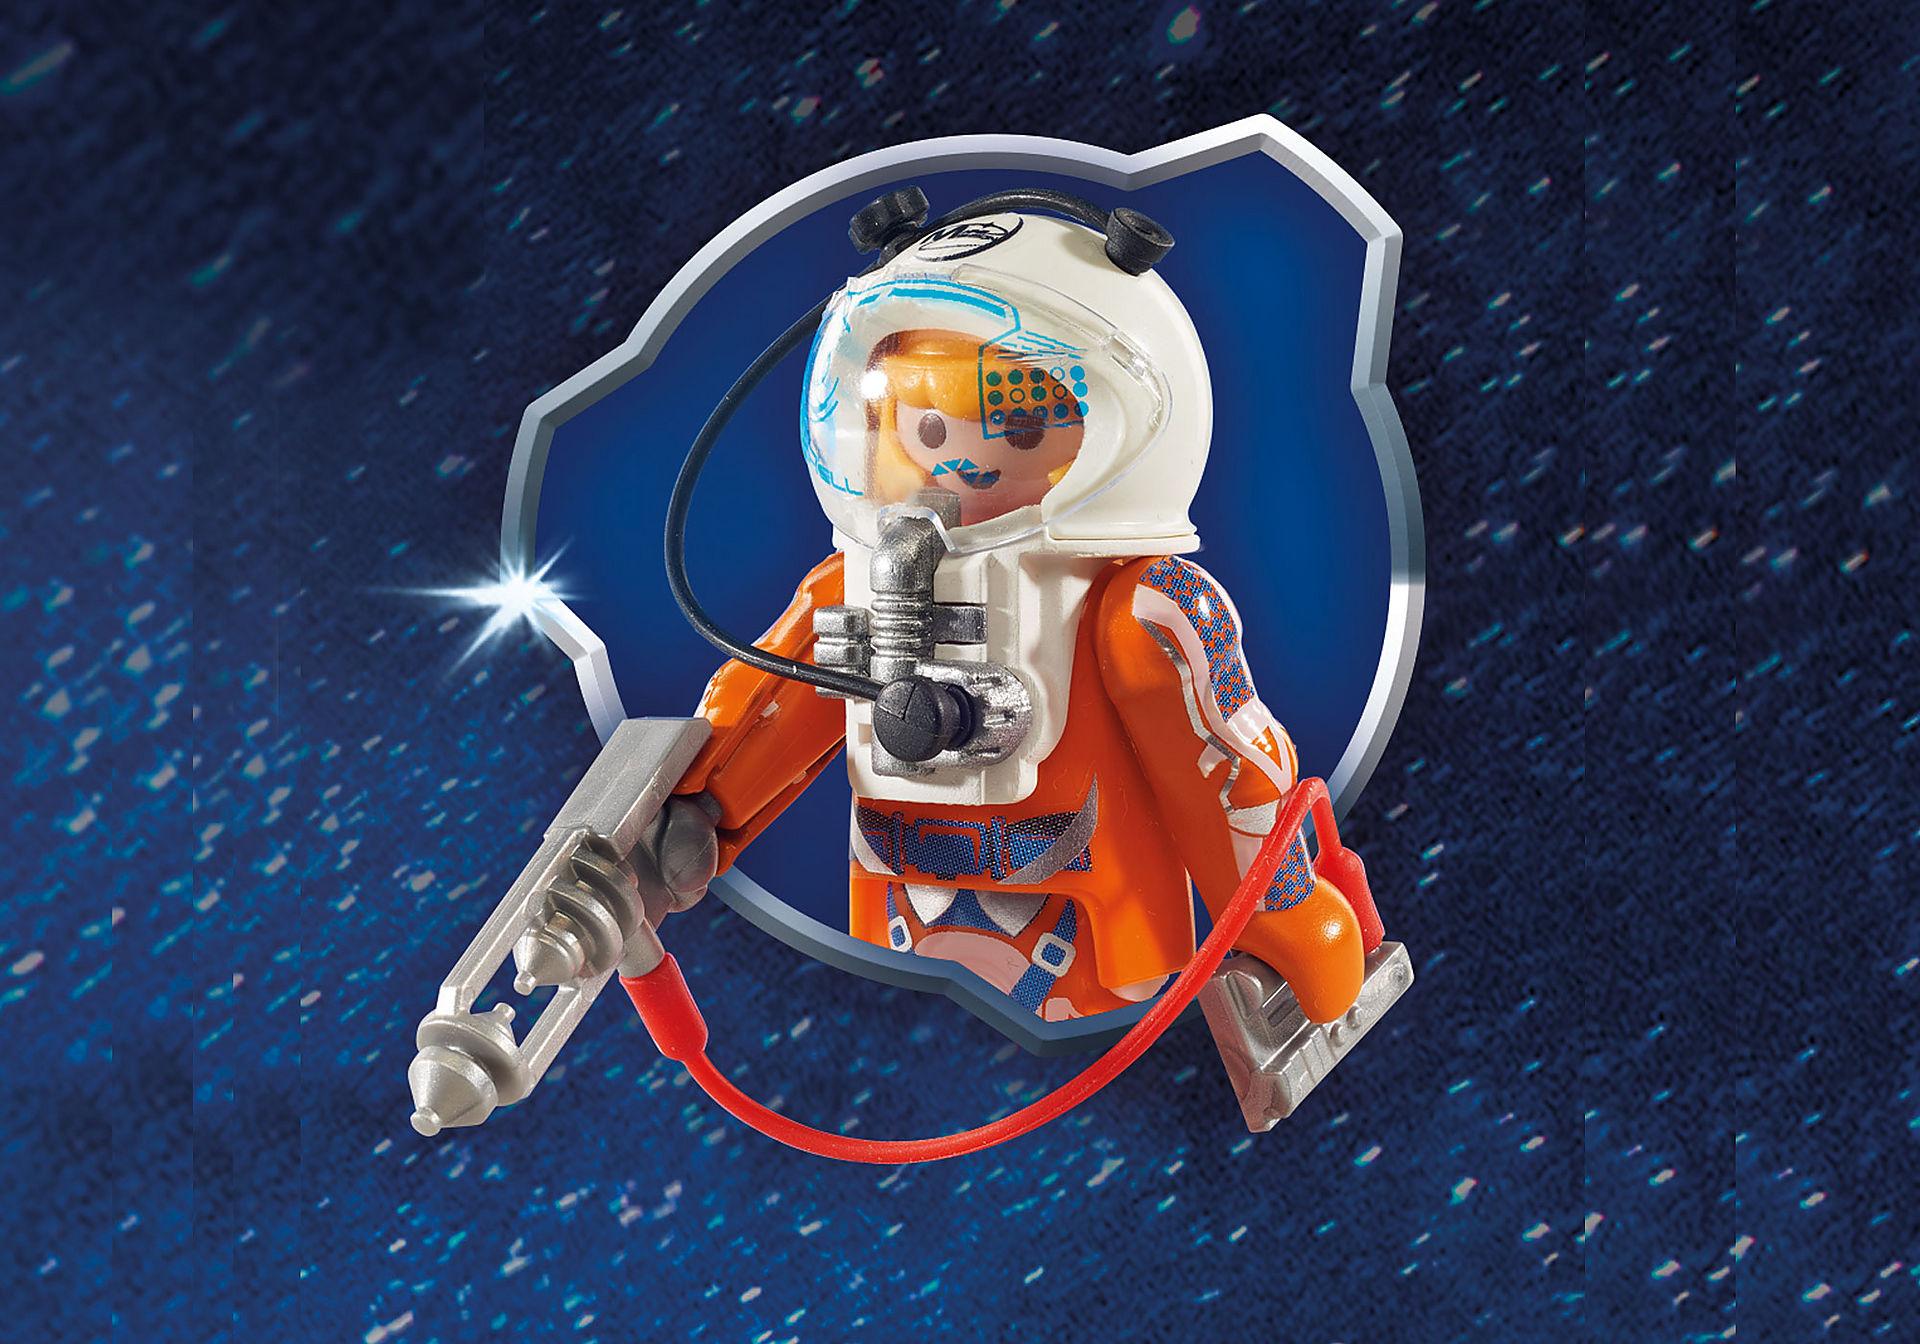 http://media.playmobil.com/i/playmobil/9488_product_extra2/Rocket Racer com Plataforma de Lançamento